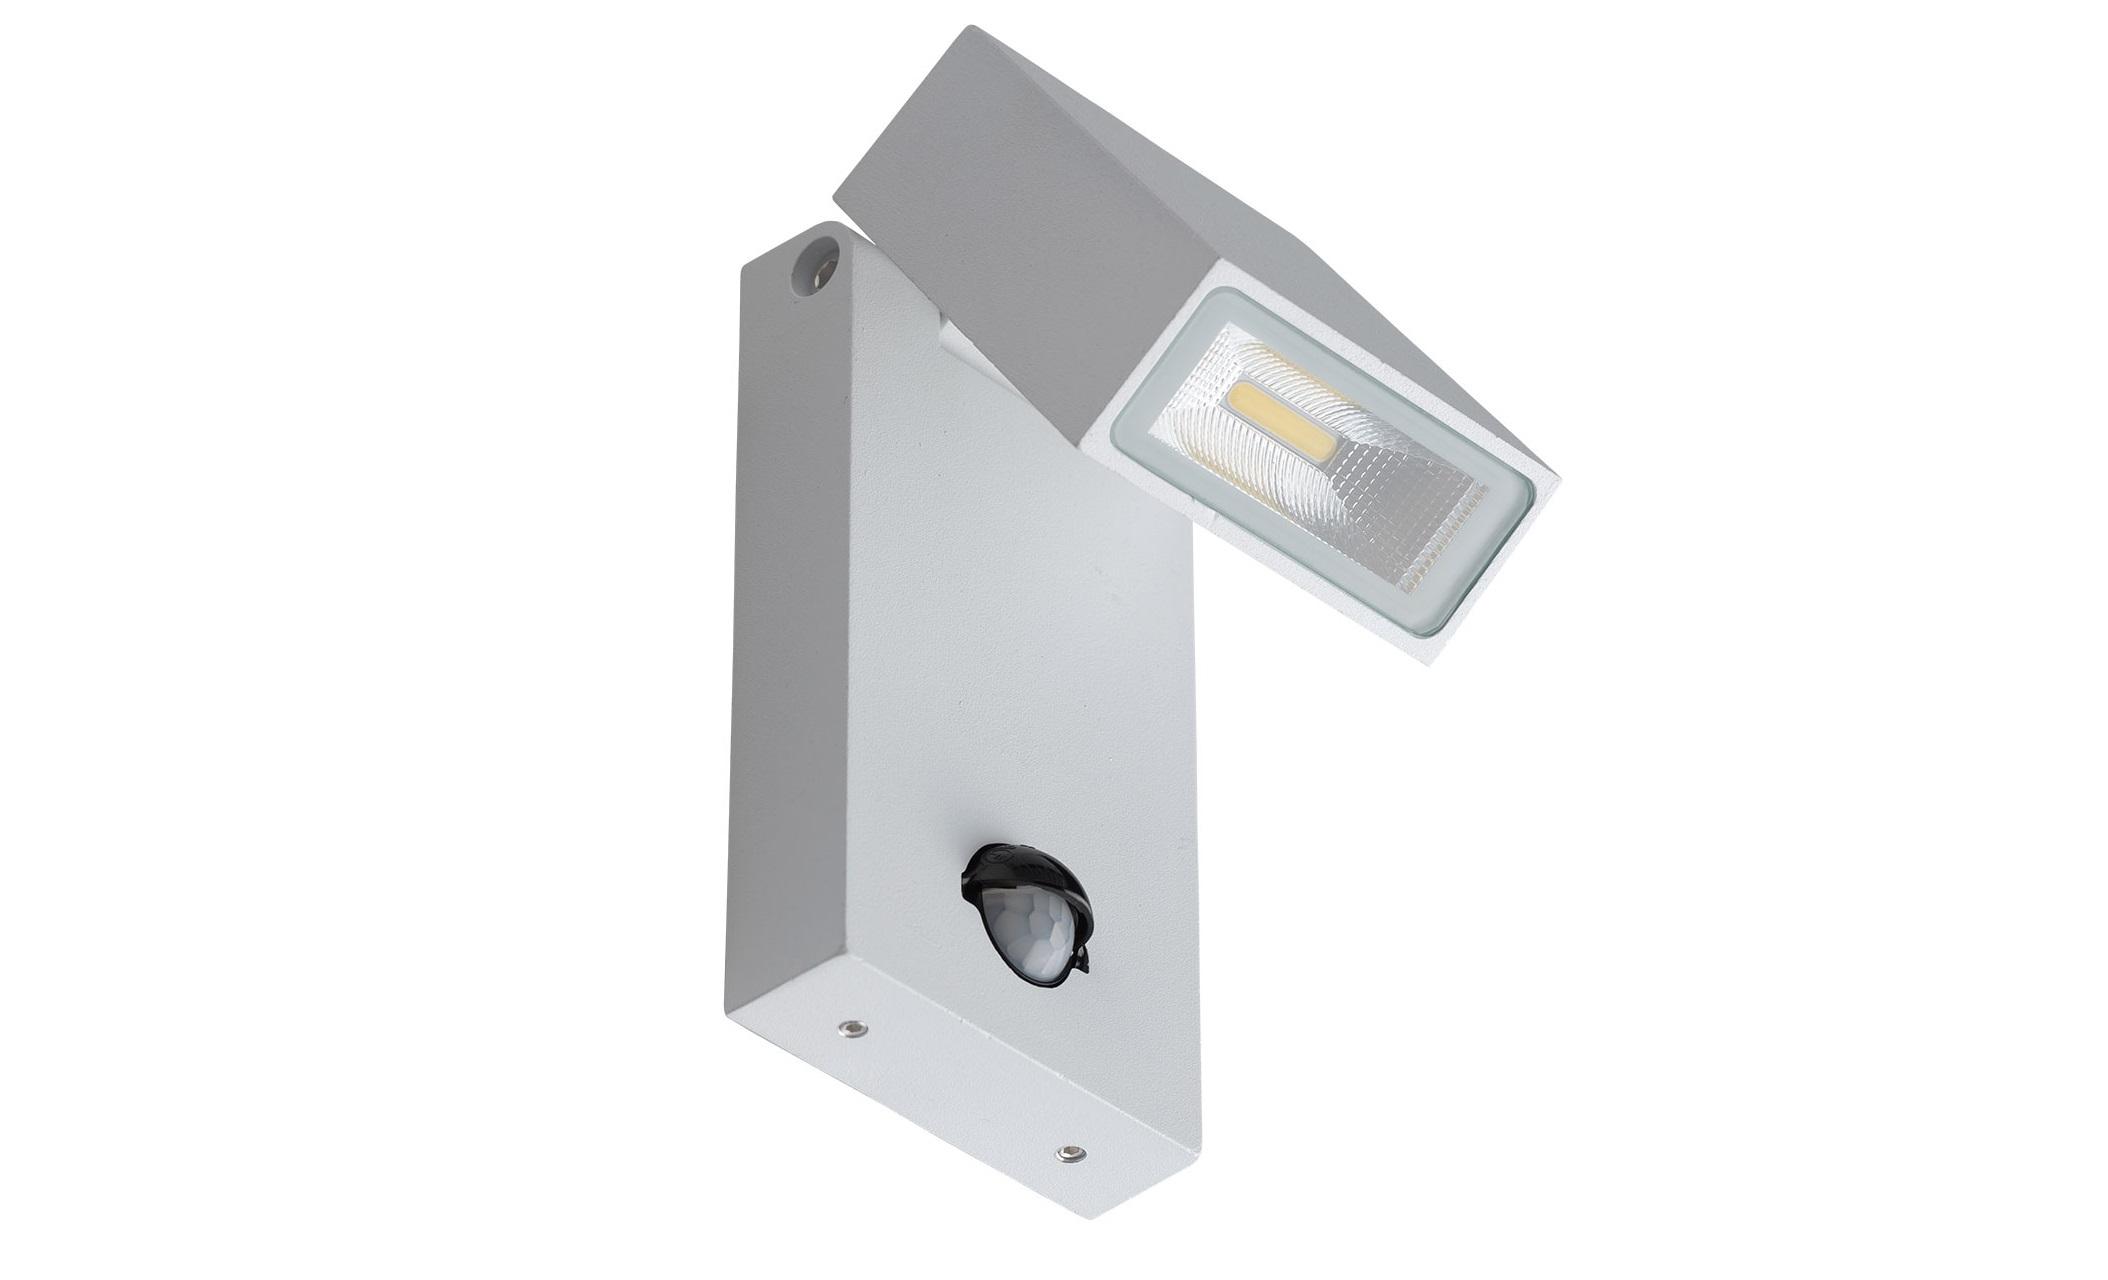 Уличный светильник МеркурийУличные настенные светильники<br>&amp;lt;div&amp;gt;Многофункциональный светильник из коллекции «Меркурий» соединяет в себе строгий современный дизайн и &amp;amp;nbsp;новейшие технологии. Металлическое основание окрашено в классический белый цвет. &amp;amp;nbsp;По своему желанию можно регулировать направление светового потока. &amp;amp;nbsp;Светильник оснащен датчиком движения и настройкой чувствительности, а также имеет высокие показатели влагозащищенности, благодаря чему &amp;amp;nbsp;идеально подходит для использования на улице. Площадь освещения порядка 4 кв.м.&amp;amp;nbsp;&amp;lt;span style=&amp;quot;line-height: 1.78571;&amp;quot;&amp;gt;Металлическое основание белого цвета.&amp;lt;/span&amp;gt;&amp;lt;/div&amp;gt;&amp;lt;div&amp;gt;&amp;lt;span style=&amp;quot;line-height: 1.78571;&amp;quot;&amp;gt;&amp;lt;br&amp;gt;&amp;lt;/span&amp;gt;&amp;lt;/div&amp;gt;&amp;lt;div&amp;gt;&amp;lt;div&amp;gt;Количество ламп: 1 шт&amp;lt;/div&amp;gt;&amp;lt;div&amp;gt;Мощность лампы:10W&amp;lt;/div&amp;gt;&amp;lt;div&amp;gt;Тип лампы: LED&amp;lt;/div&amp;gt;&amp;lt;/div&amp;gt;&amp;lt;div&amp;gt;&amp;lt;span style=&amp;quot;line-height: 1.78571;&amp;quot;&amp;gt;Степень защиты светильников от пыли и влаги&amp;lt;/span&amp;gt;&amp;lt;span style=&amp;quot;line-height: 1.78571;&amp;quot;&amp;gt;&amp;amp;nbsp;IP65&amp;lt;/span&amp;gt;&amp;lt;/div&amp;gt;&amp;lt;div&amp;gt;&amp;lt;span style=&amp;quot;line-height: 1.78571;&amp;quot;&amp;gt;Рабочее напряжение &amp;amp;nbsp;220V&amp;amp;nbsp;&amp;lt;/span&amp;gt;&amp;lt;/div&amp;gt;<br><br>Material: Металл<br>Length см: None<br>Width см: 8<br>Depth см: 12<br>Height см: 19